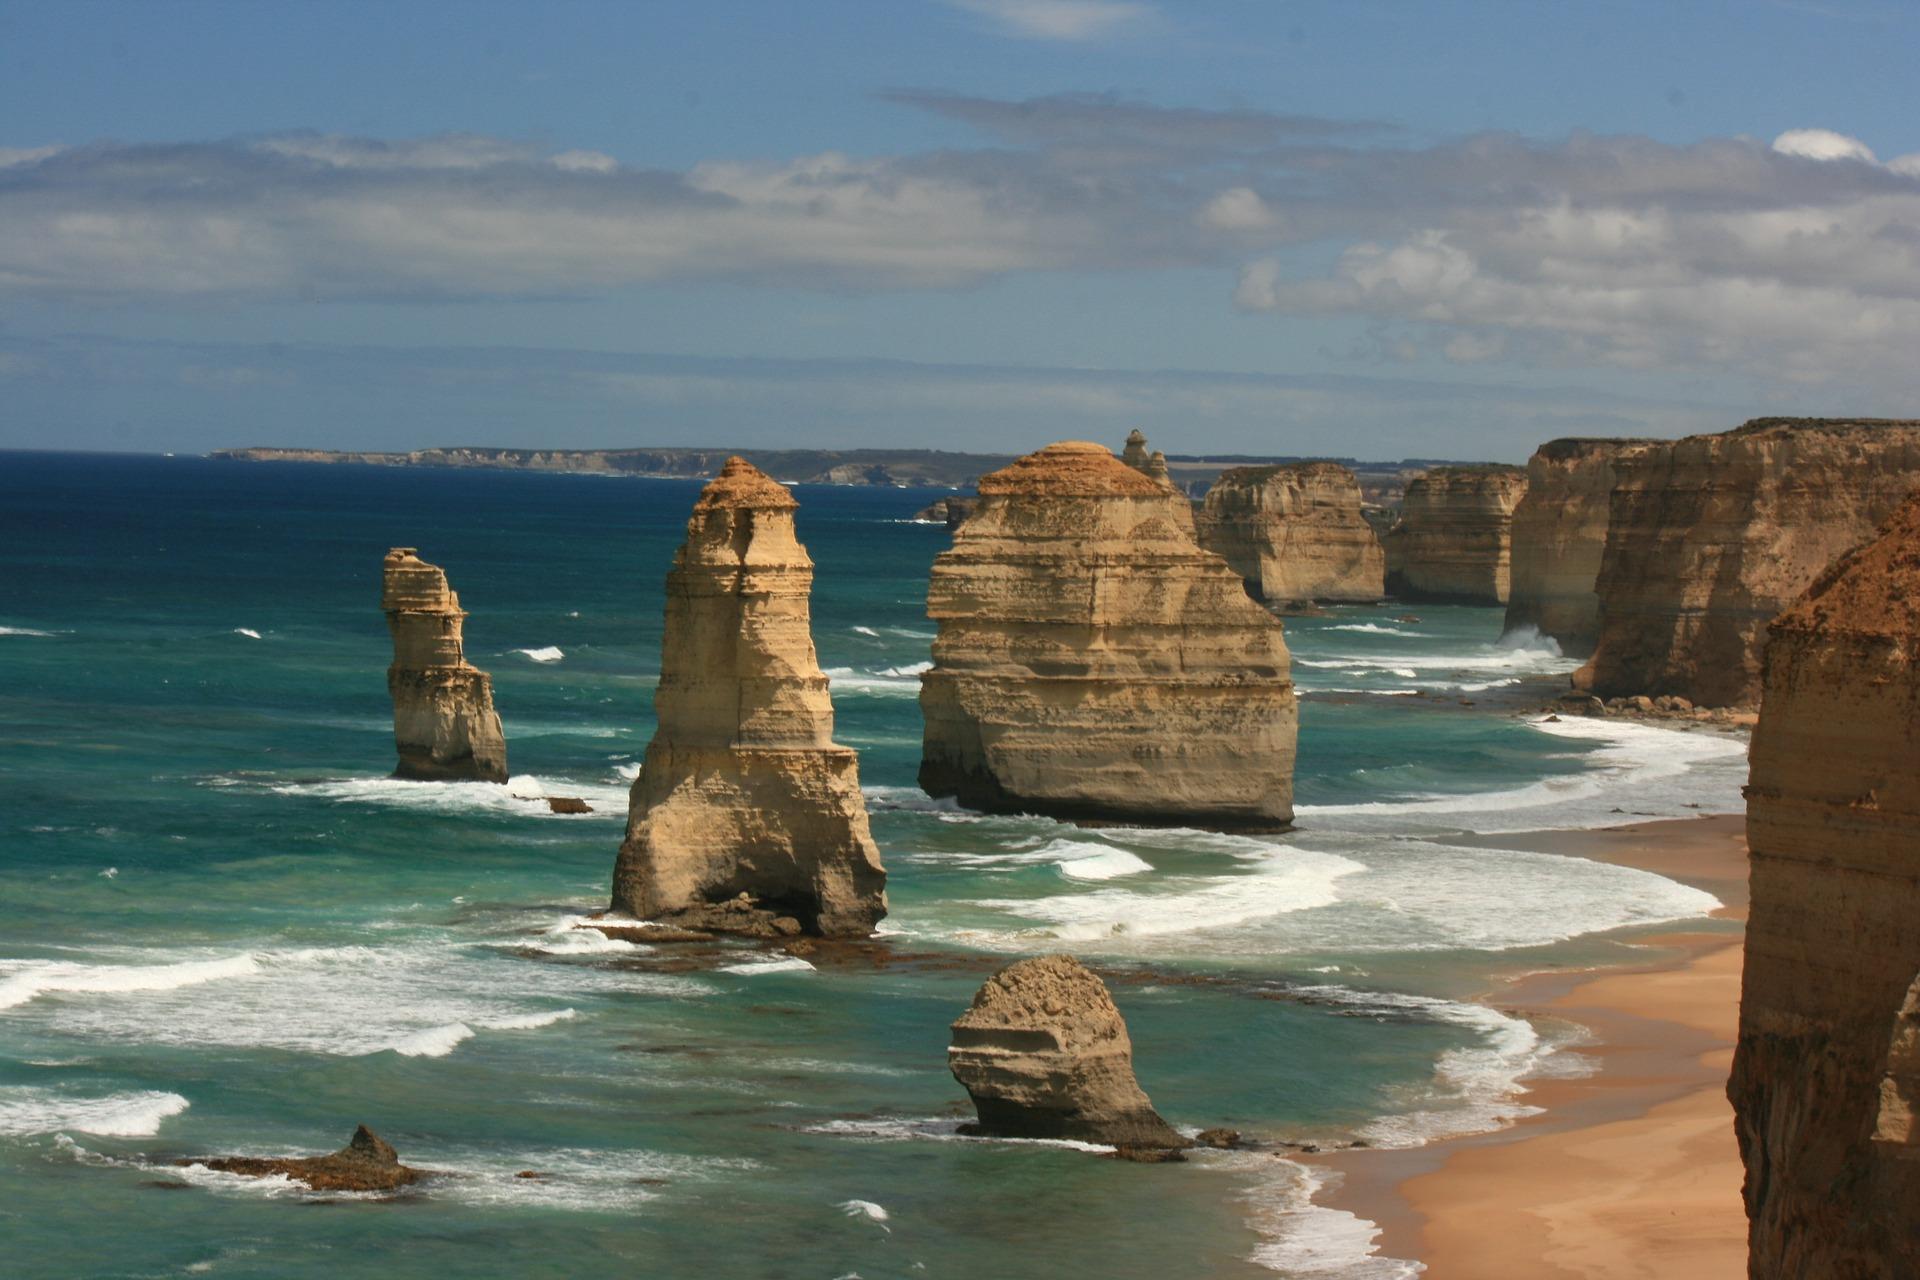 Cliffs on the Australian coast